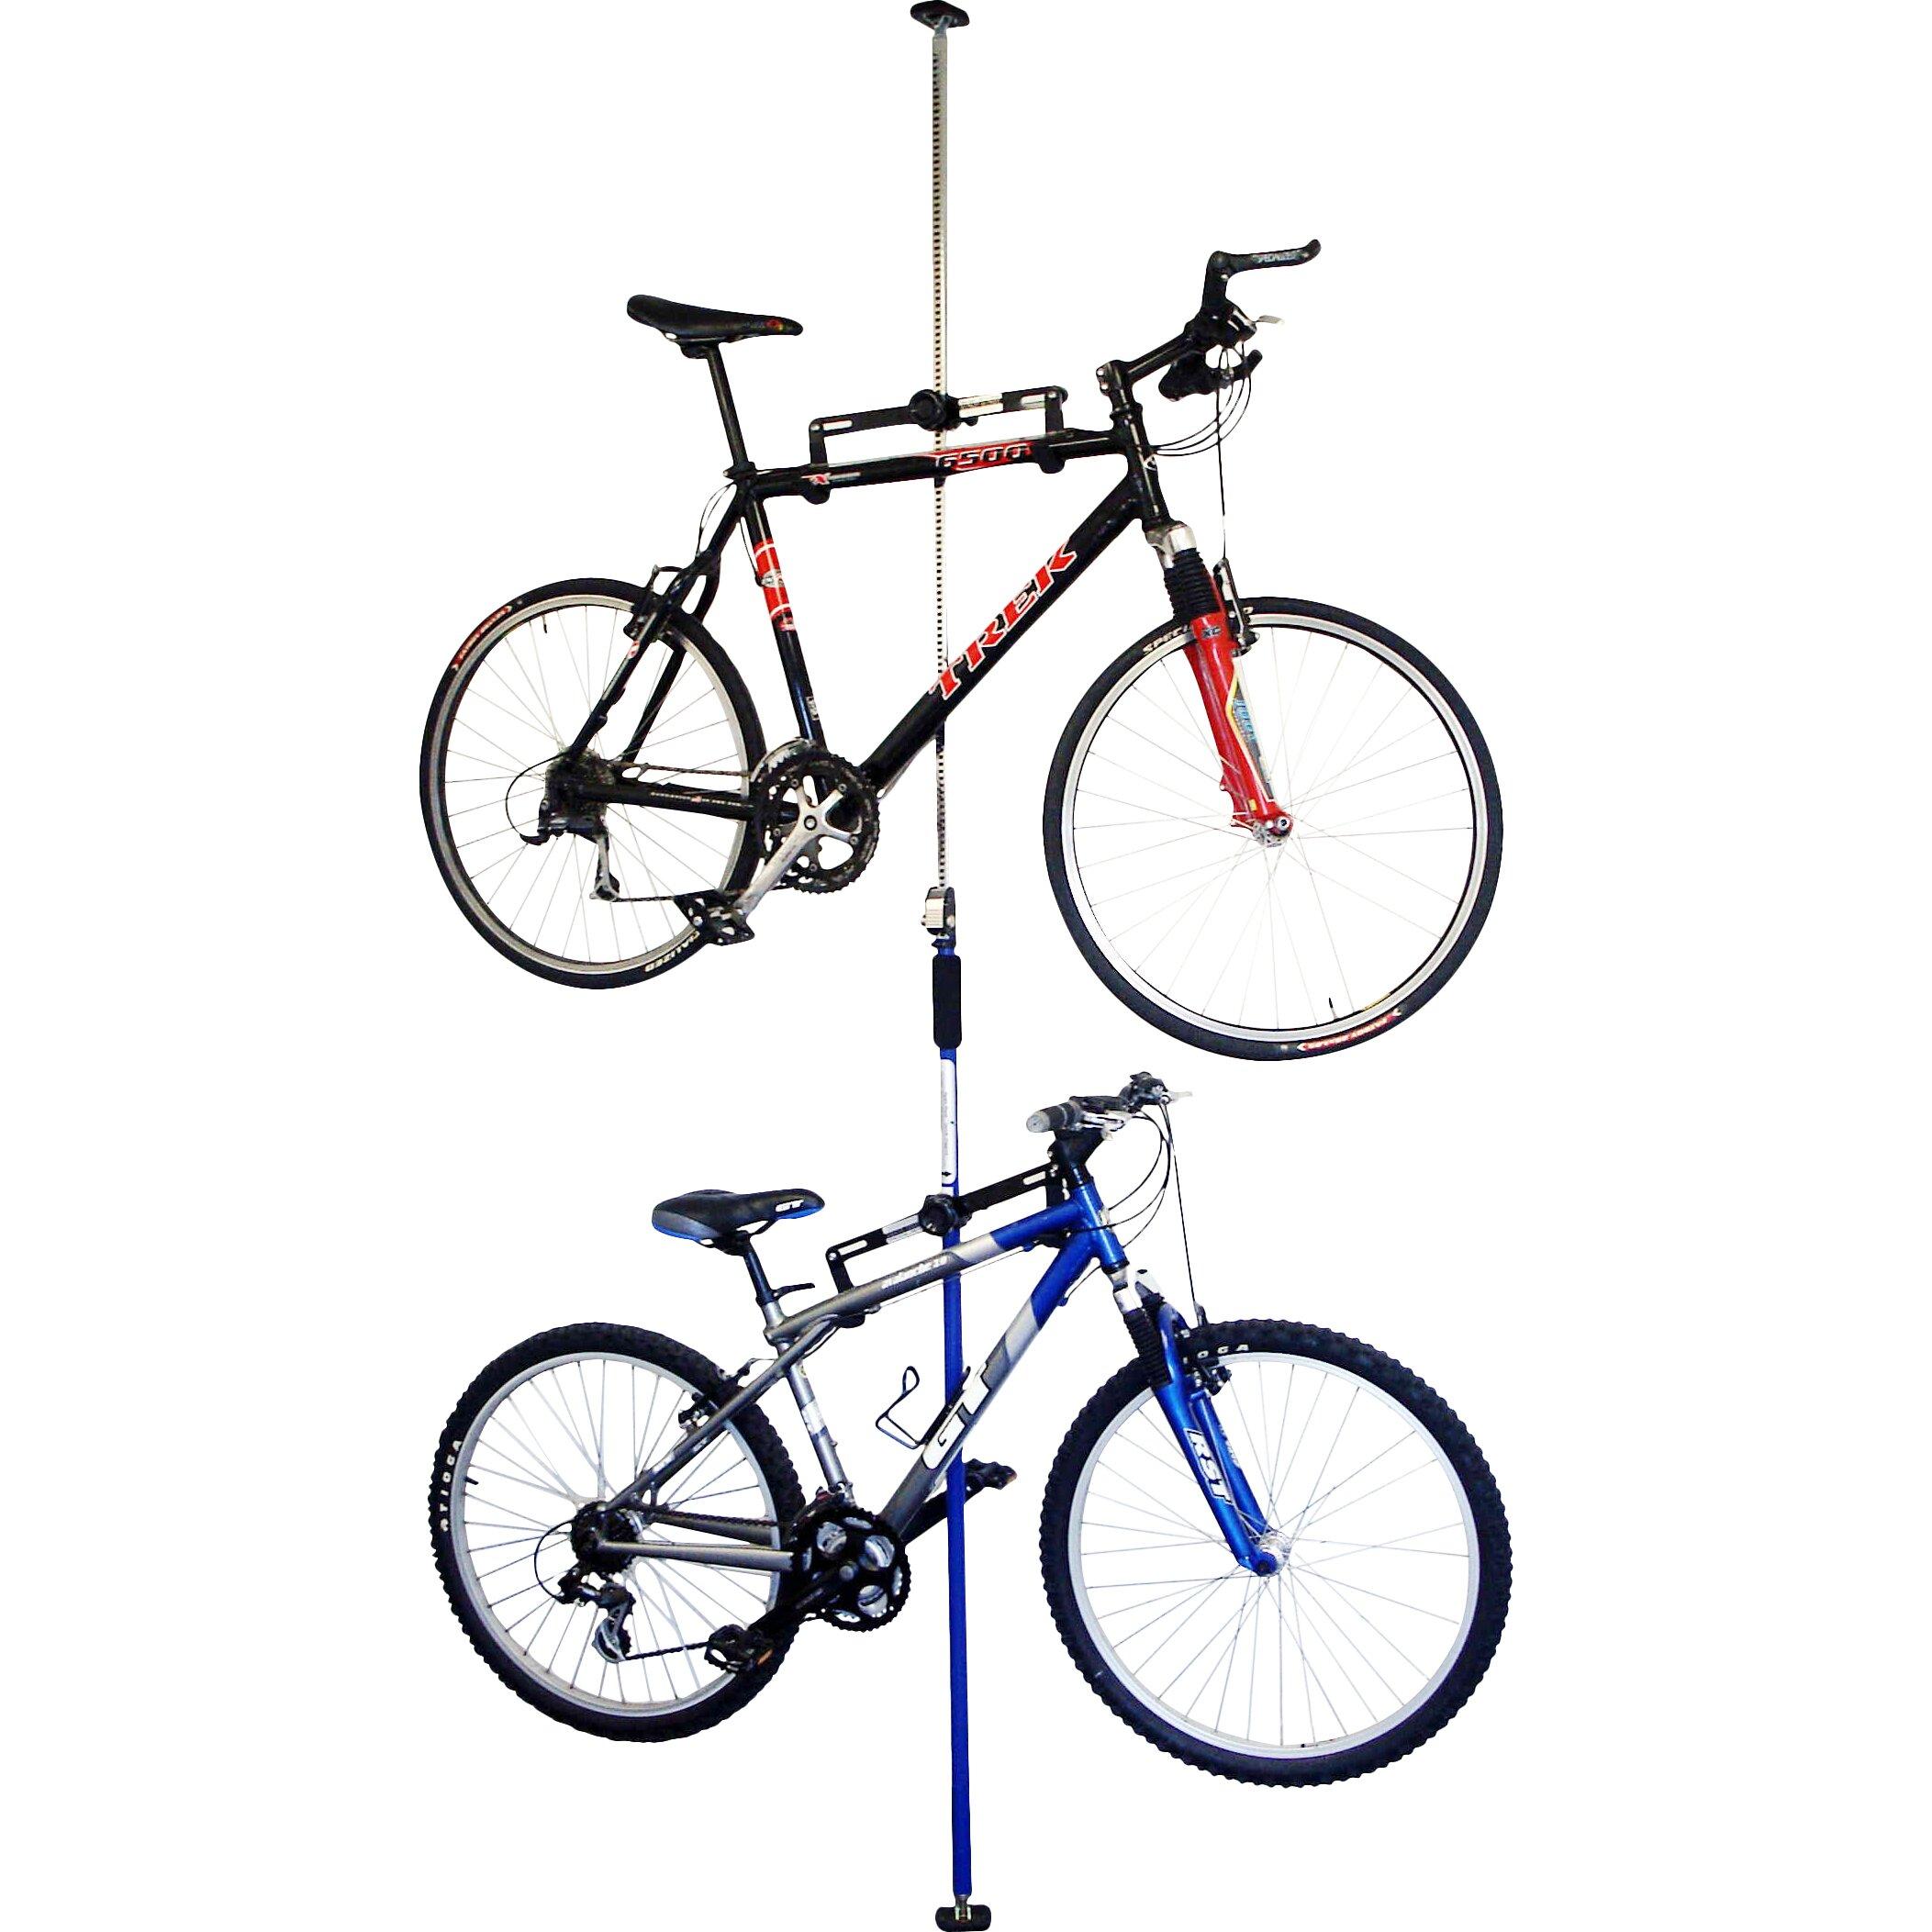 stoneman sports 2 bike q rack system ceiling mounted bike. Black Bedroom Furniture Sets. Home Design Ideas